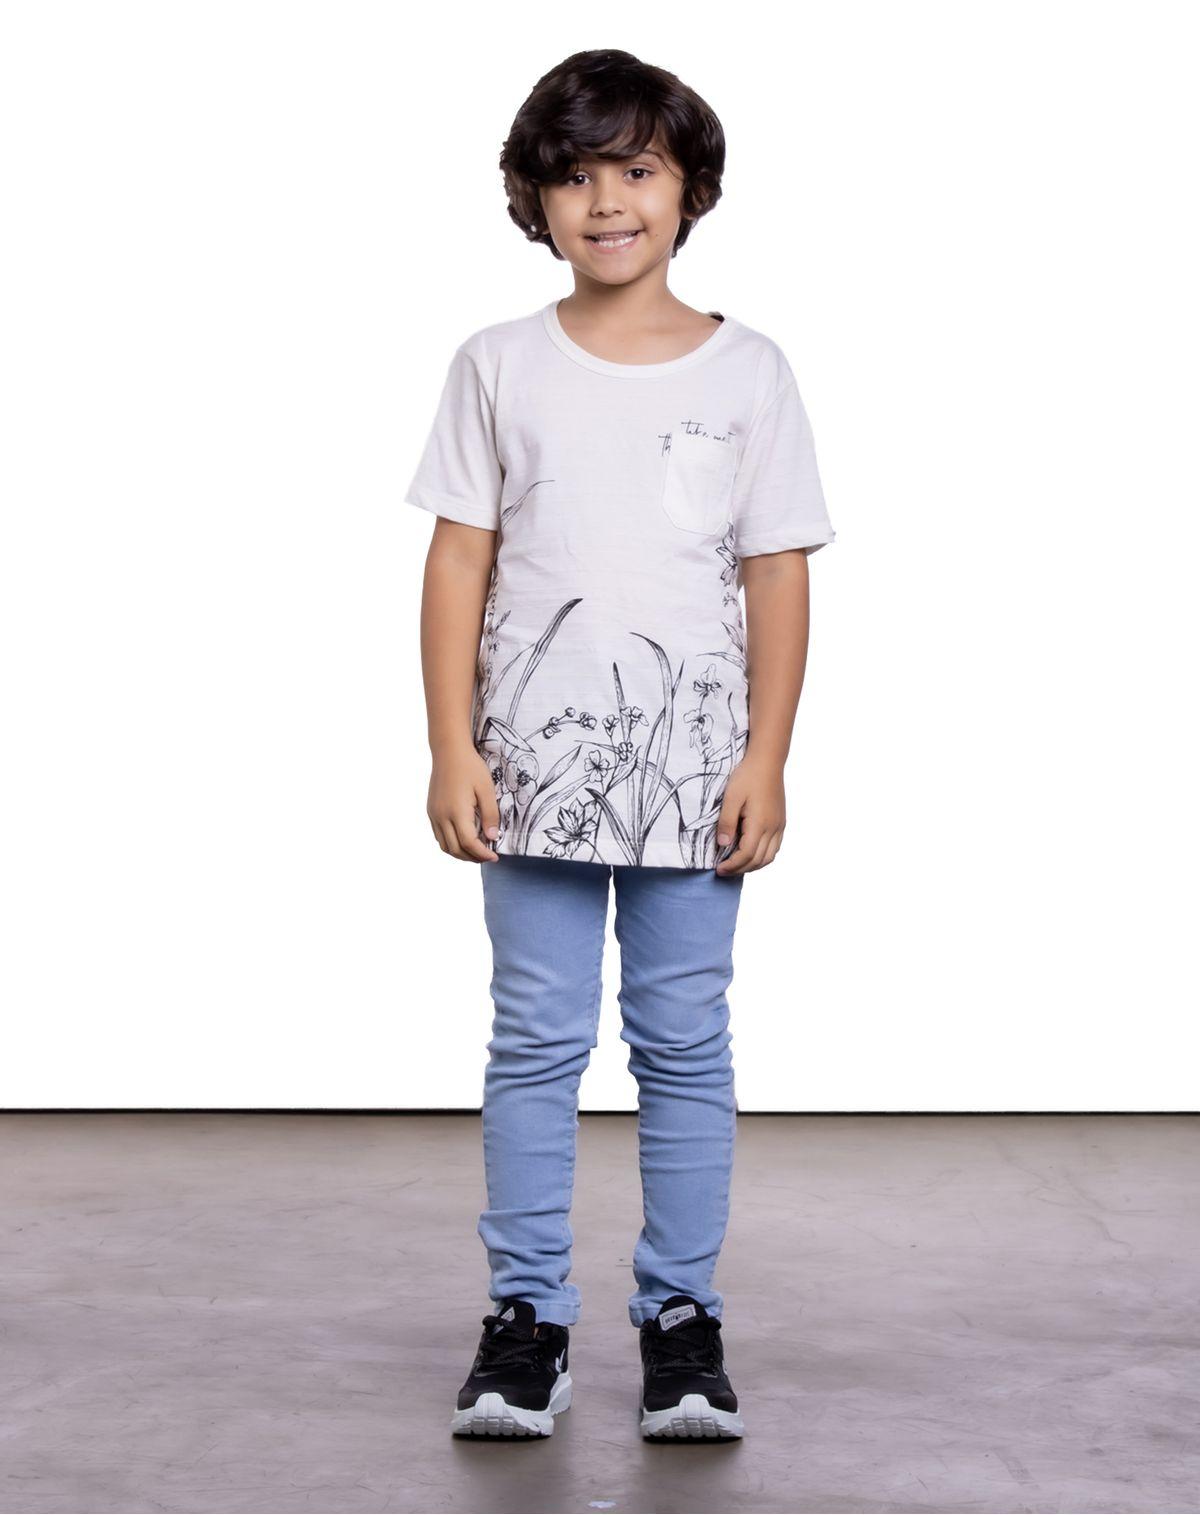 588496001-calca-jeans-claro-skinny-infantil-menino-bolsos-jeans-4-051